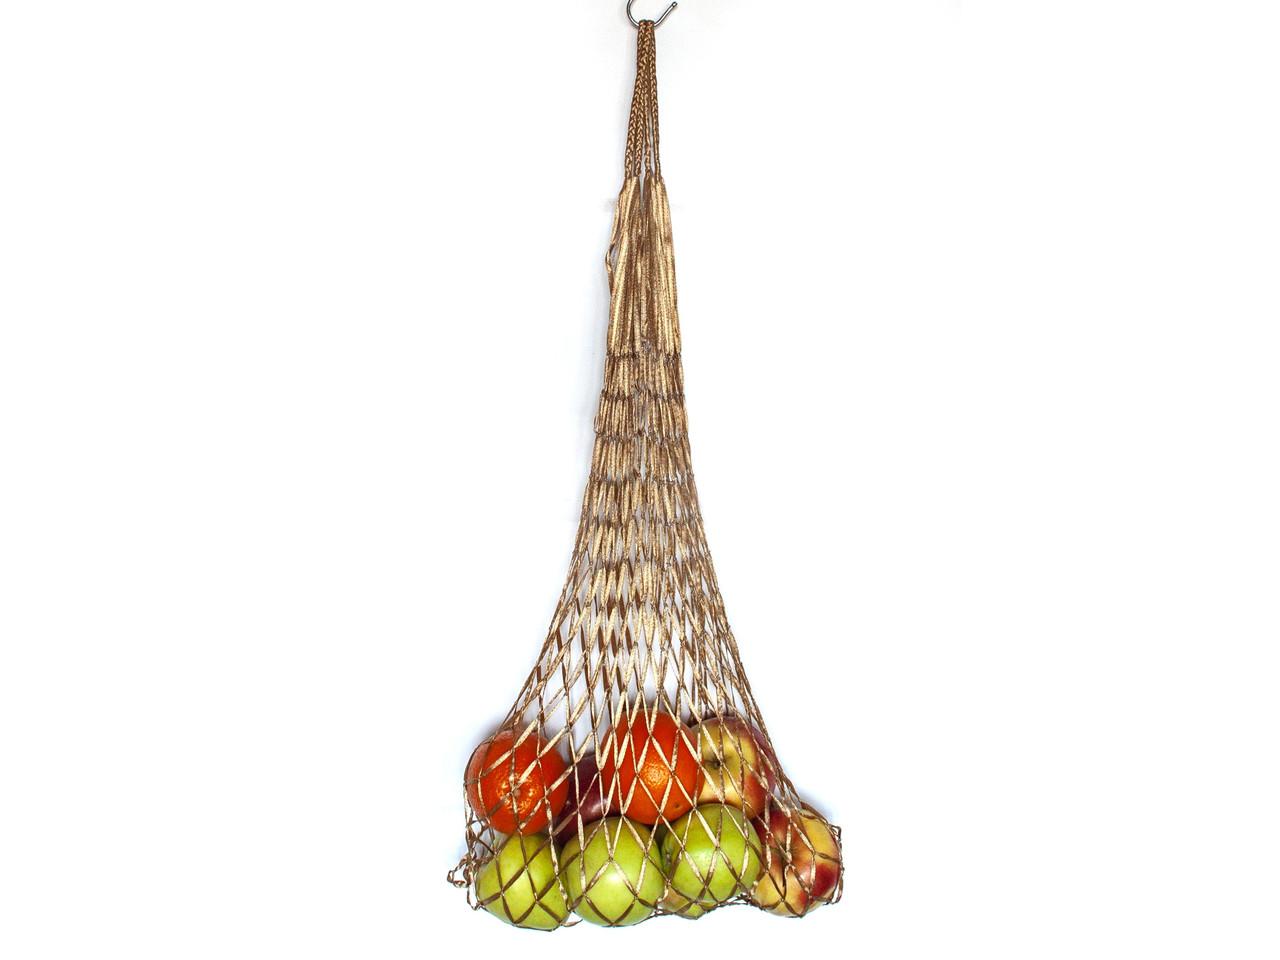 Сумка Красное золото - Авоська - Подарочная сумка - Сумка для вечеринок